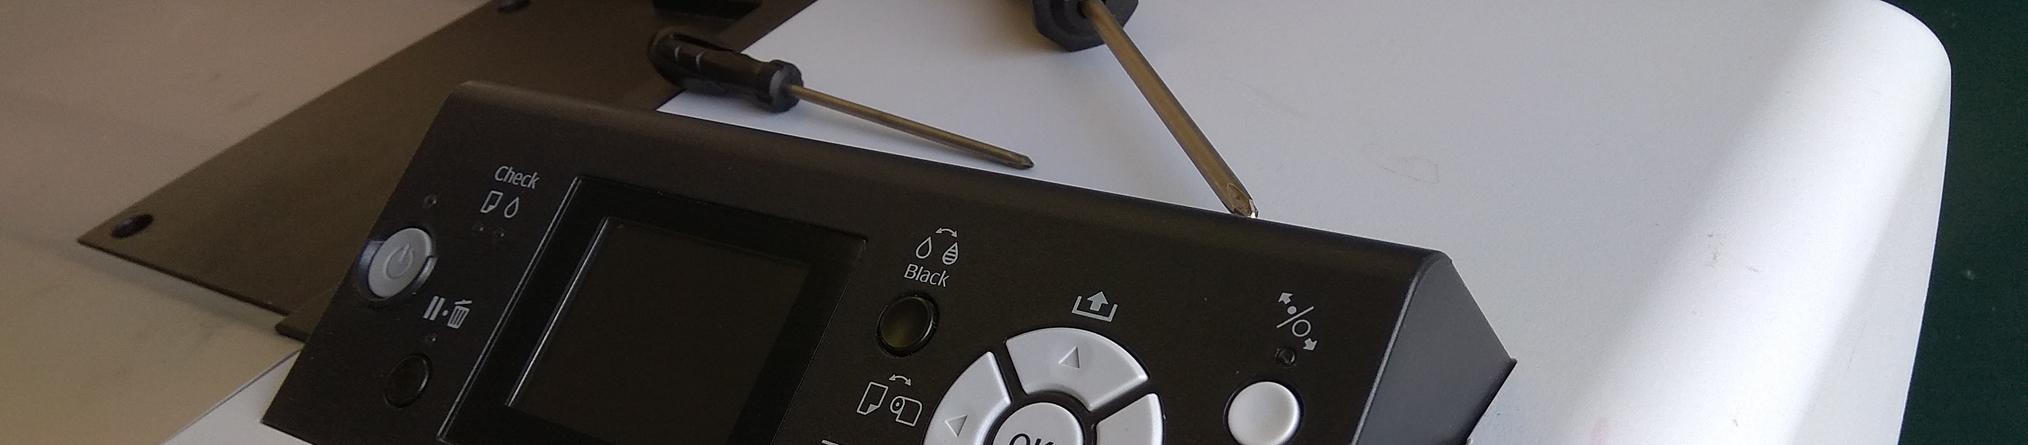 repro_repairs_epson_printer_repairs_img1